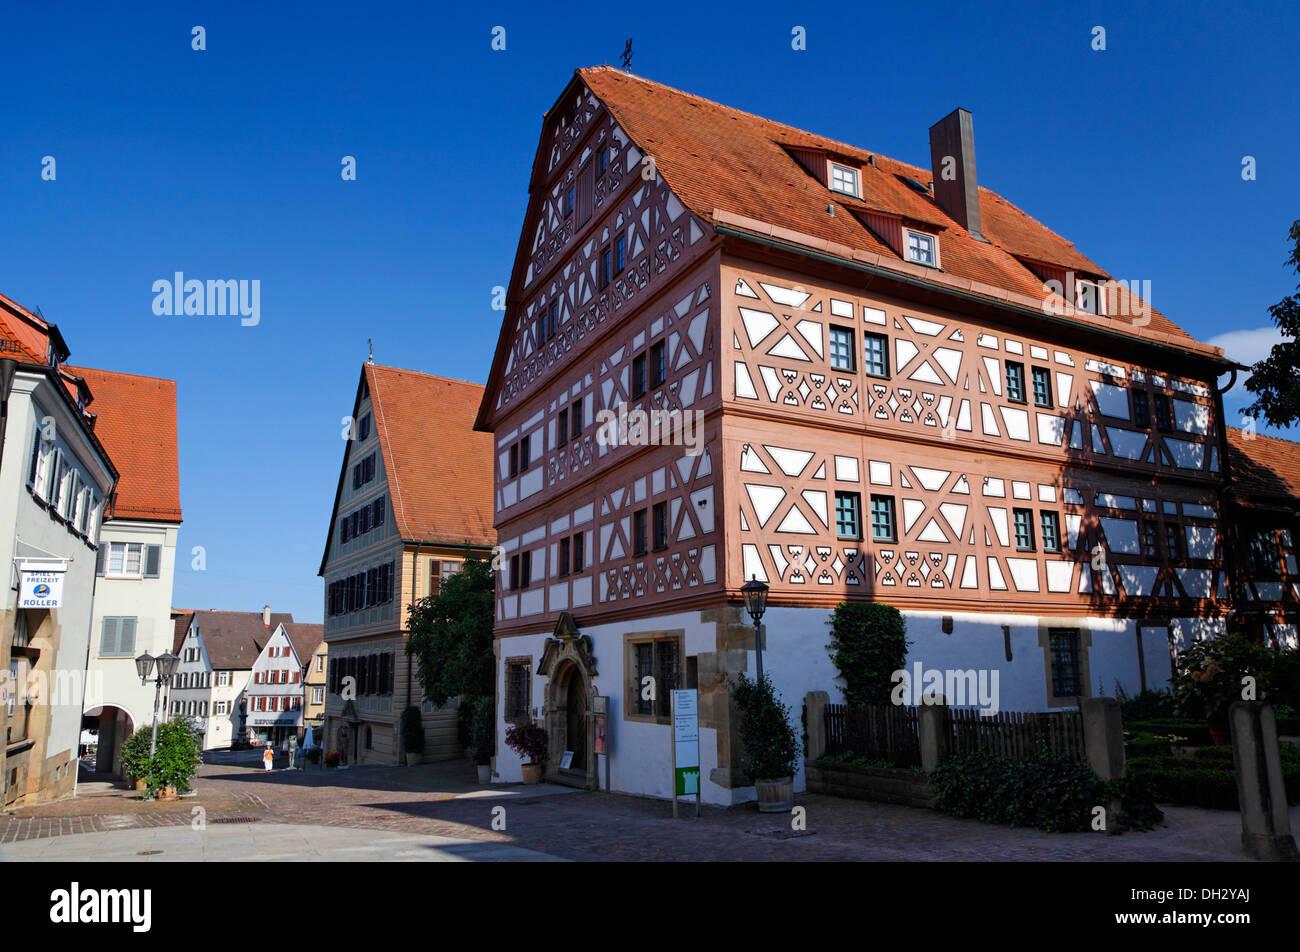 germany baden wuerttemberg bietigheim 39 hornmoldhaus 39 deutschland stock photo 62145626 alamy. Black Bedroom Furniture Sets. Home Design Ideas